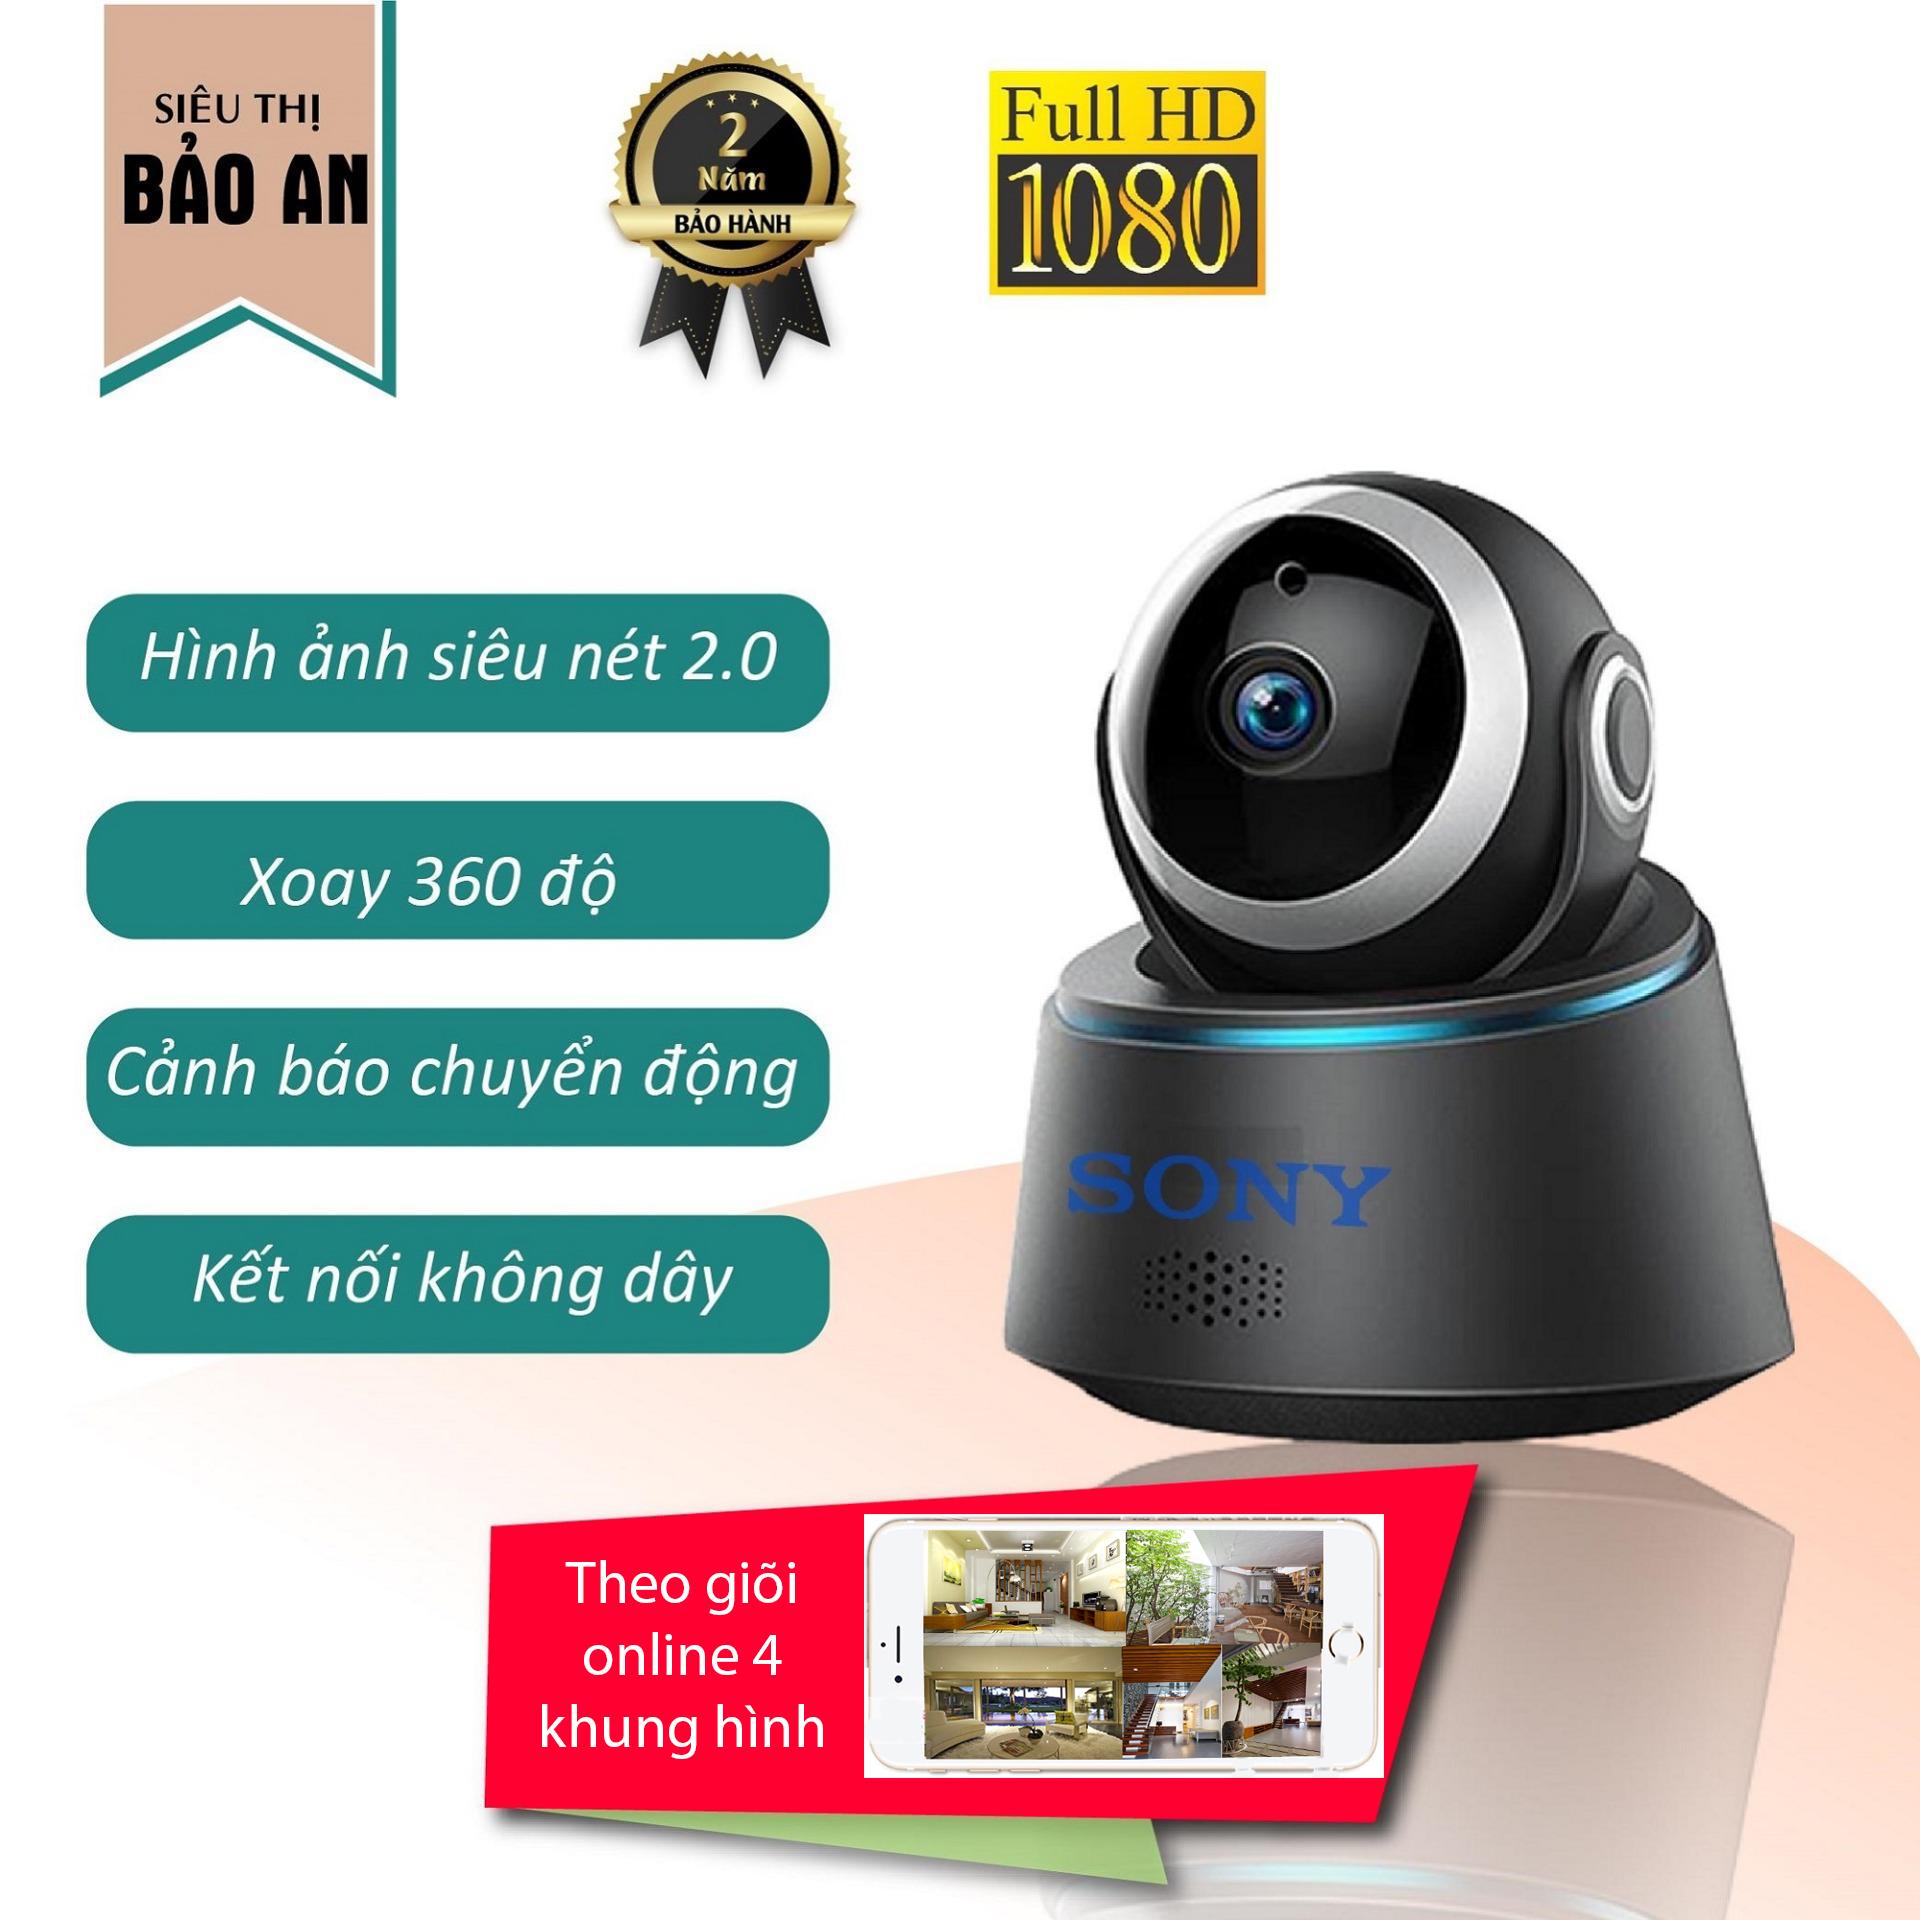 Voucher tại Lazada cho [Có Video] Camera Wifi Sony Full HD 1080 2.0 MP Xem Từ Xa Qua điện Thoại Quay đêm Hình ảnh Sắc Nét - Bảo Hành 12 Tháng